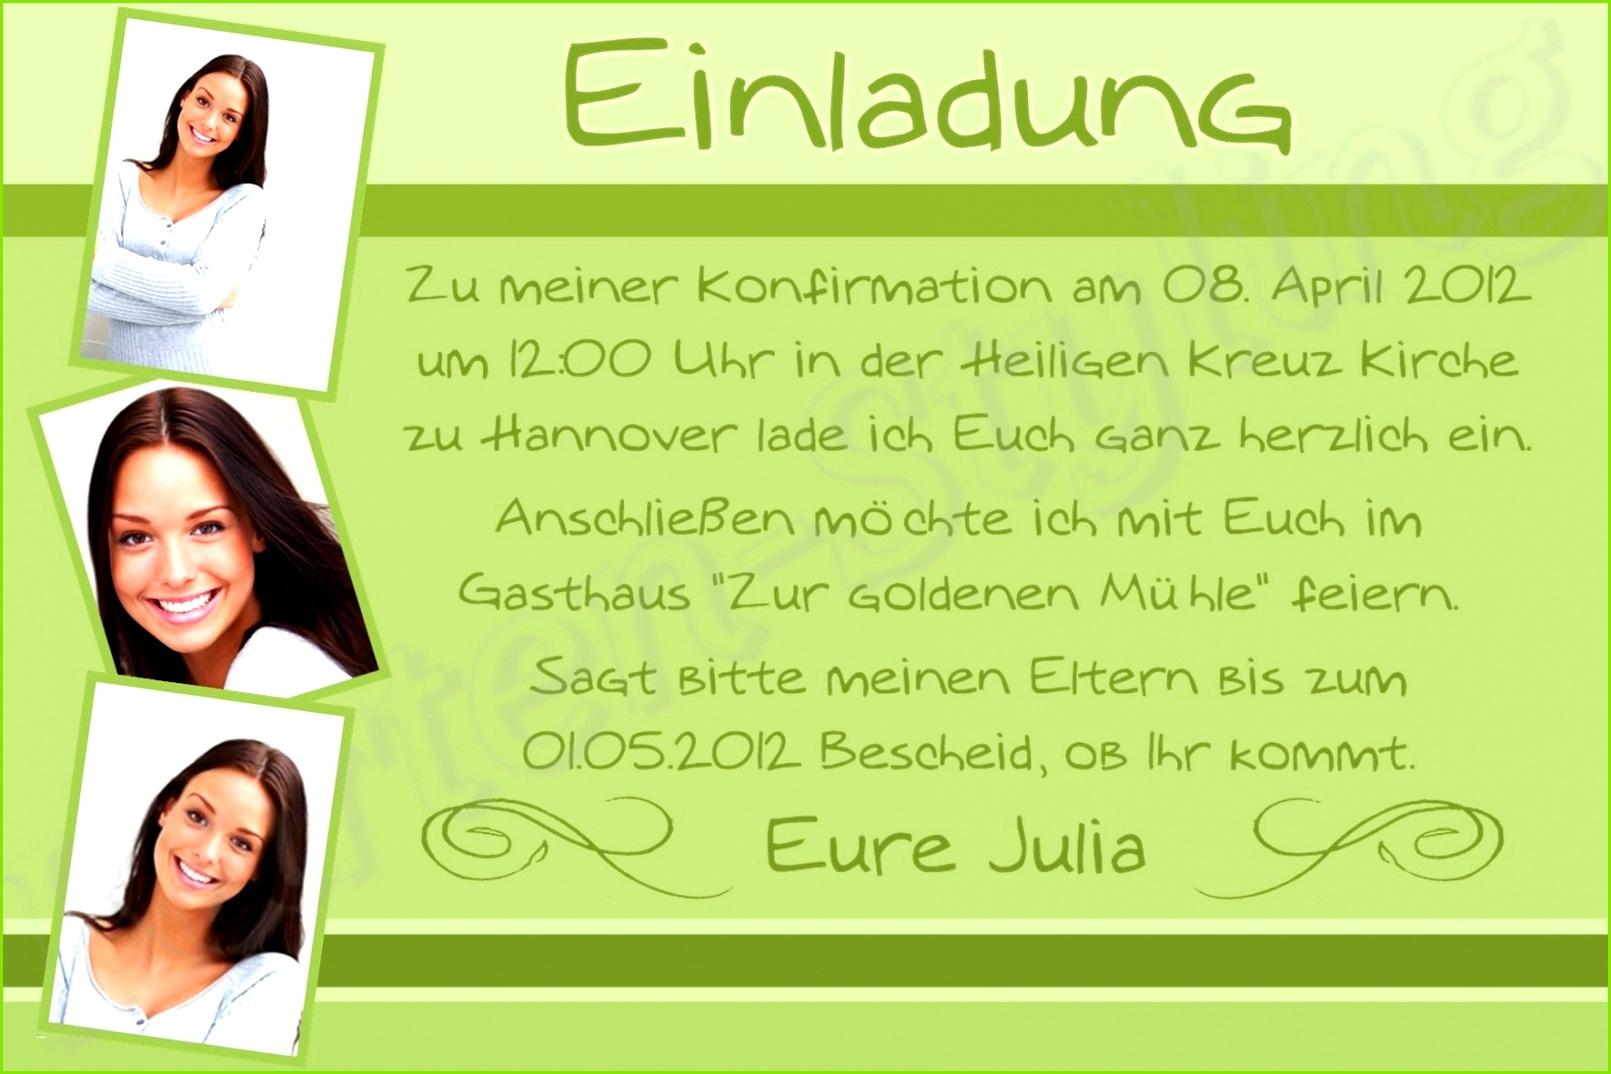 Danksagung Kommunion Text Kostenlos Beispiel Dankeskarte Kommunion Text Schön Dankeskarten Konfirmation Text